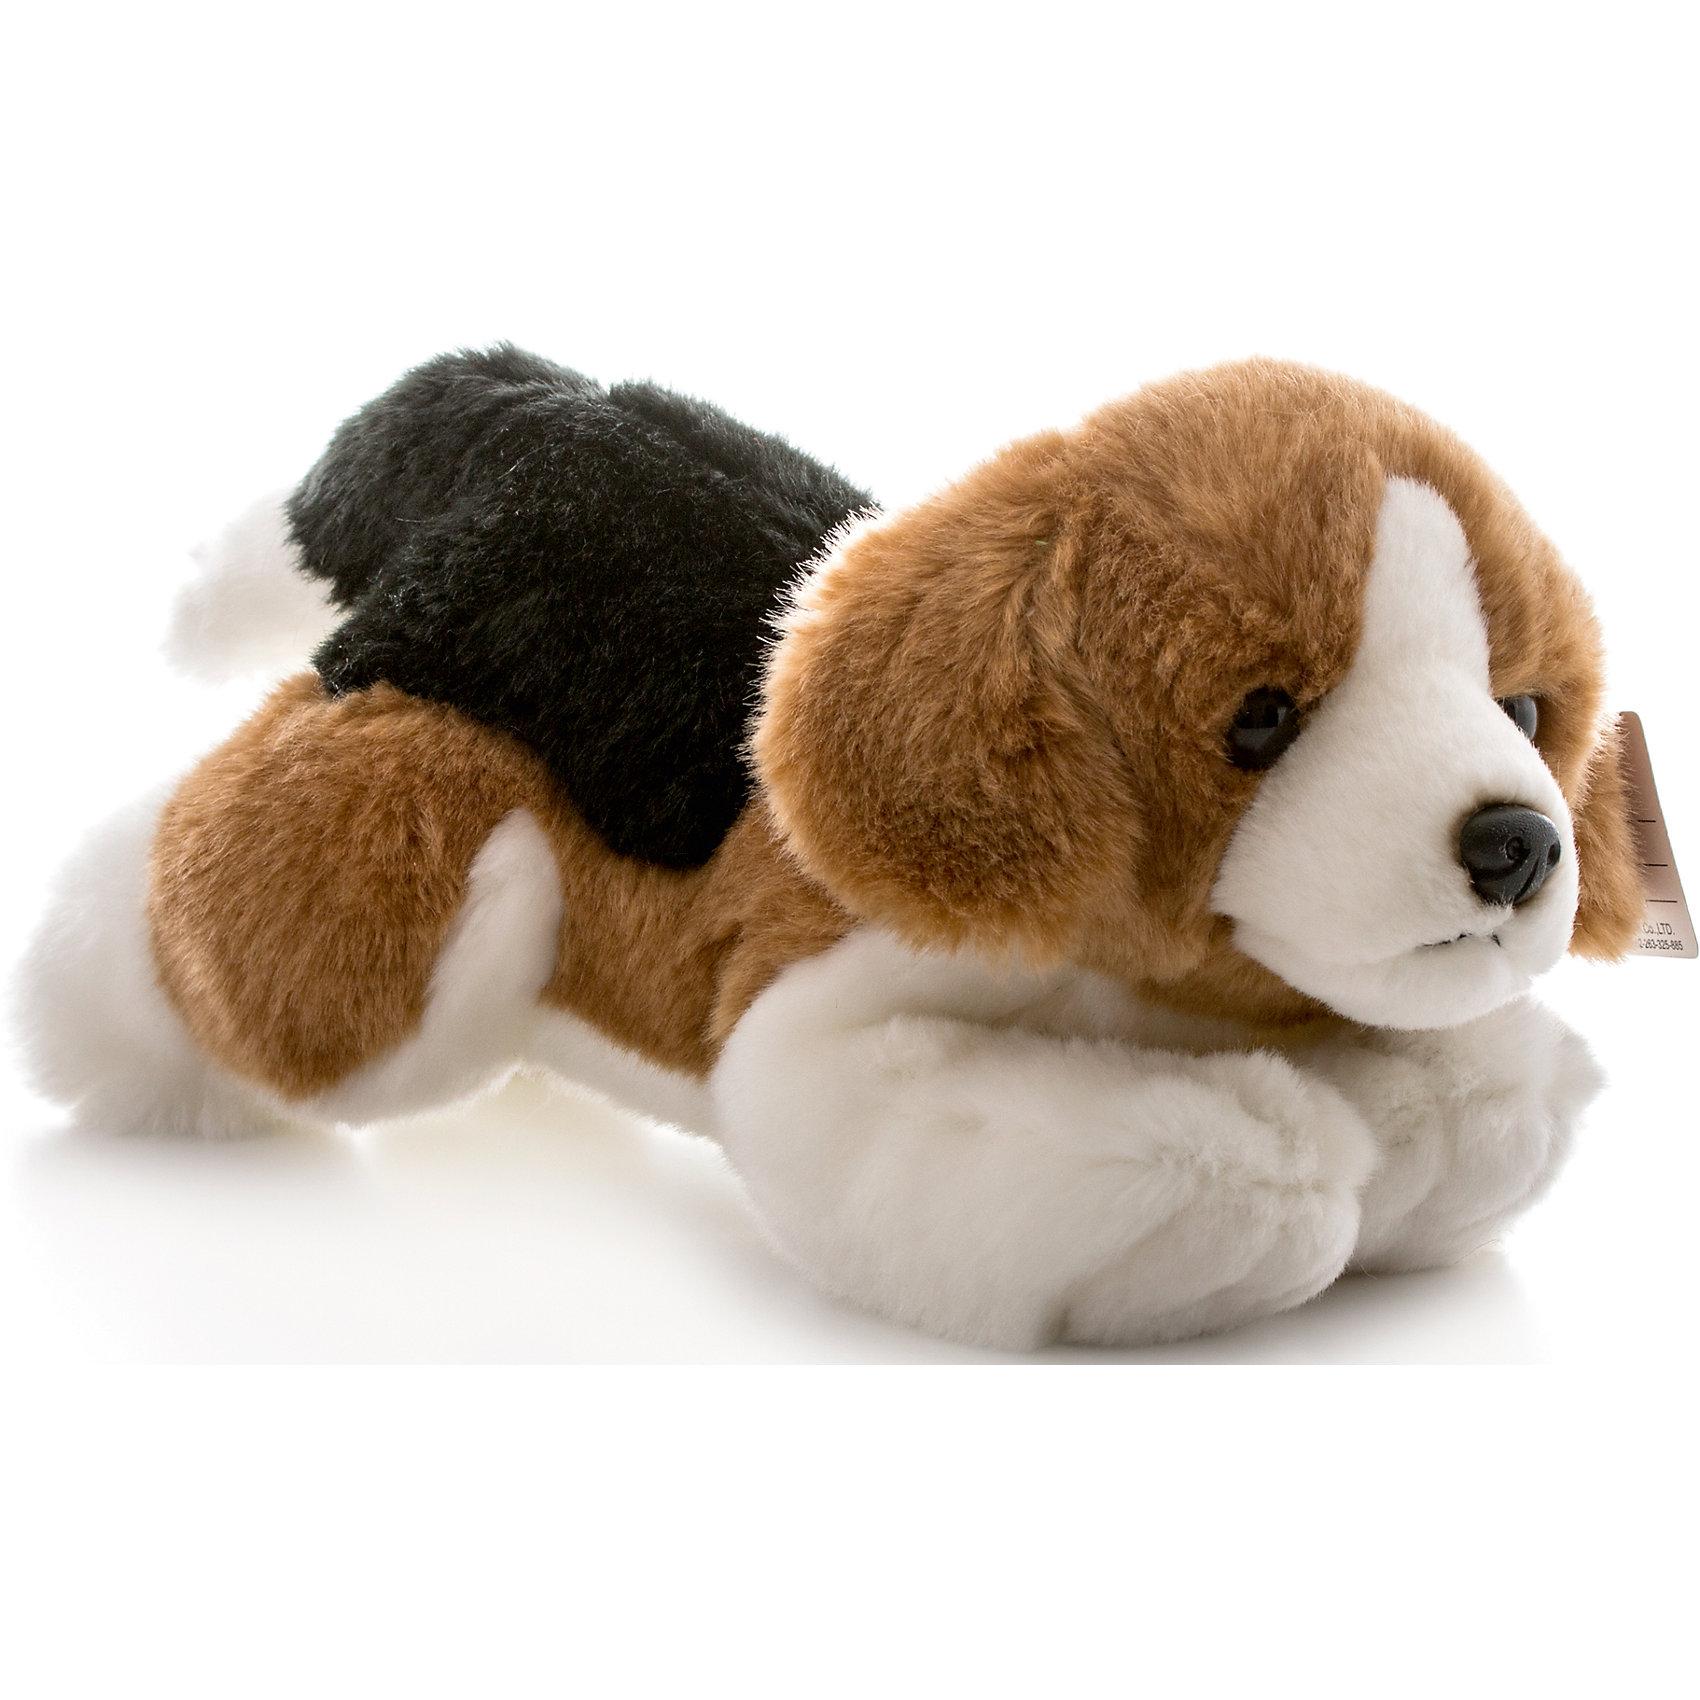 Мягкая игрушка Бигль, 28 см, AURORAКрасивый трехцветный щенок с мягкой  шерсткой будет прекрасным подарком для Вашего ребенка!<br><br>Дополнительная информация:<br><br>- Возраст: от 3 лет.<br>- Материал: плюш, синтепон.<br>- Высота игрушки: 28 см.<br><br>Купить мягкую игрушку Бигль можно в нашем магазине.<br><br>Ширина мм: 280<br>Глубина мм: 110<br>Высота мм: 140<br>Вес г: 268<br>Возраст от месяцев: 36<br>Возраст до месяцев: 120<br>Пол: Унисекс<br>Возраст: Детский<br>SKU: 4929043